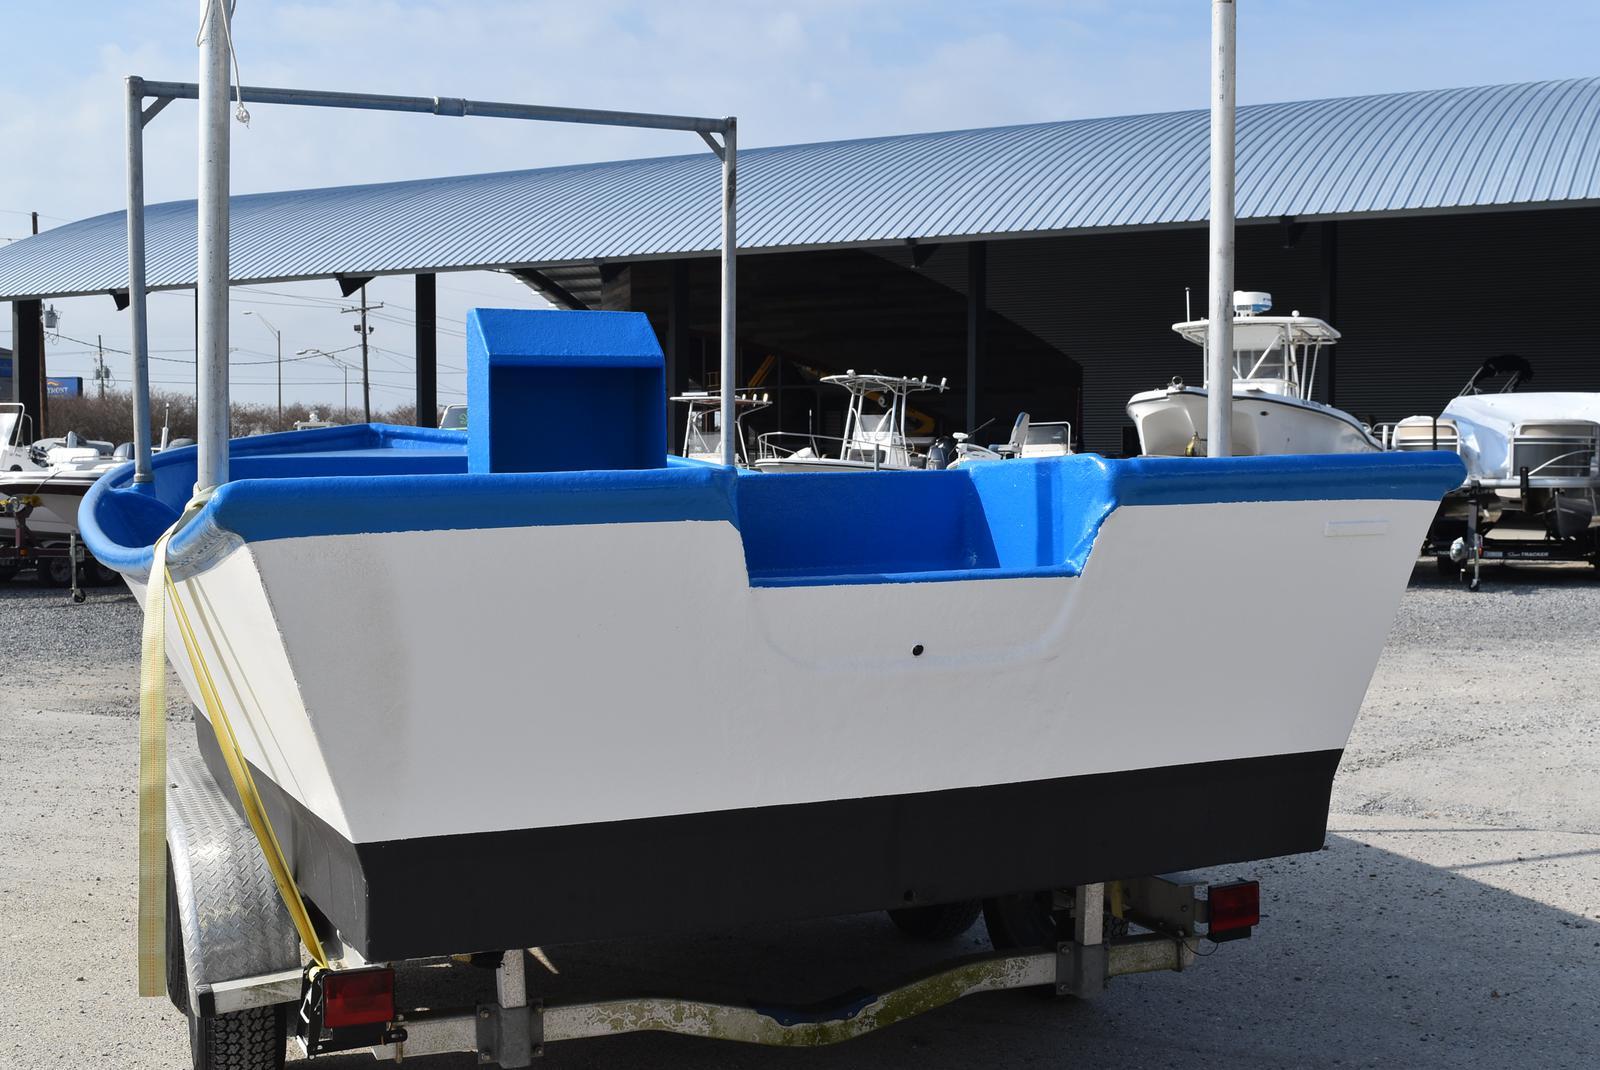 1998 Terrebonne boat for sale, model of the boat is Terrebonne Skiff 22 & Image # 2 of 14